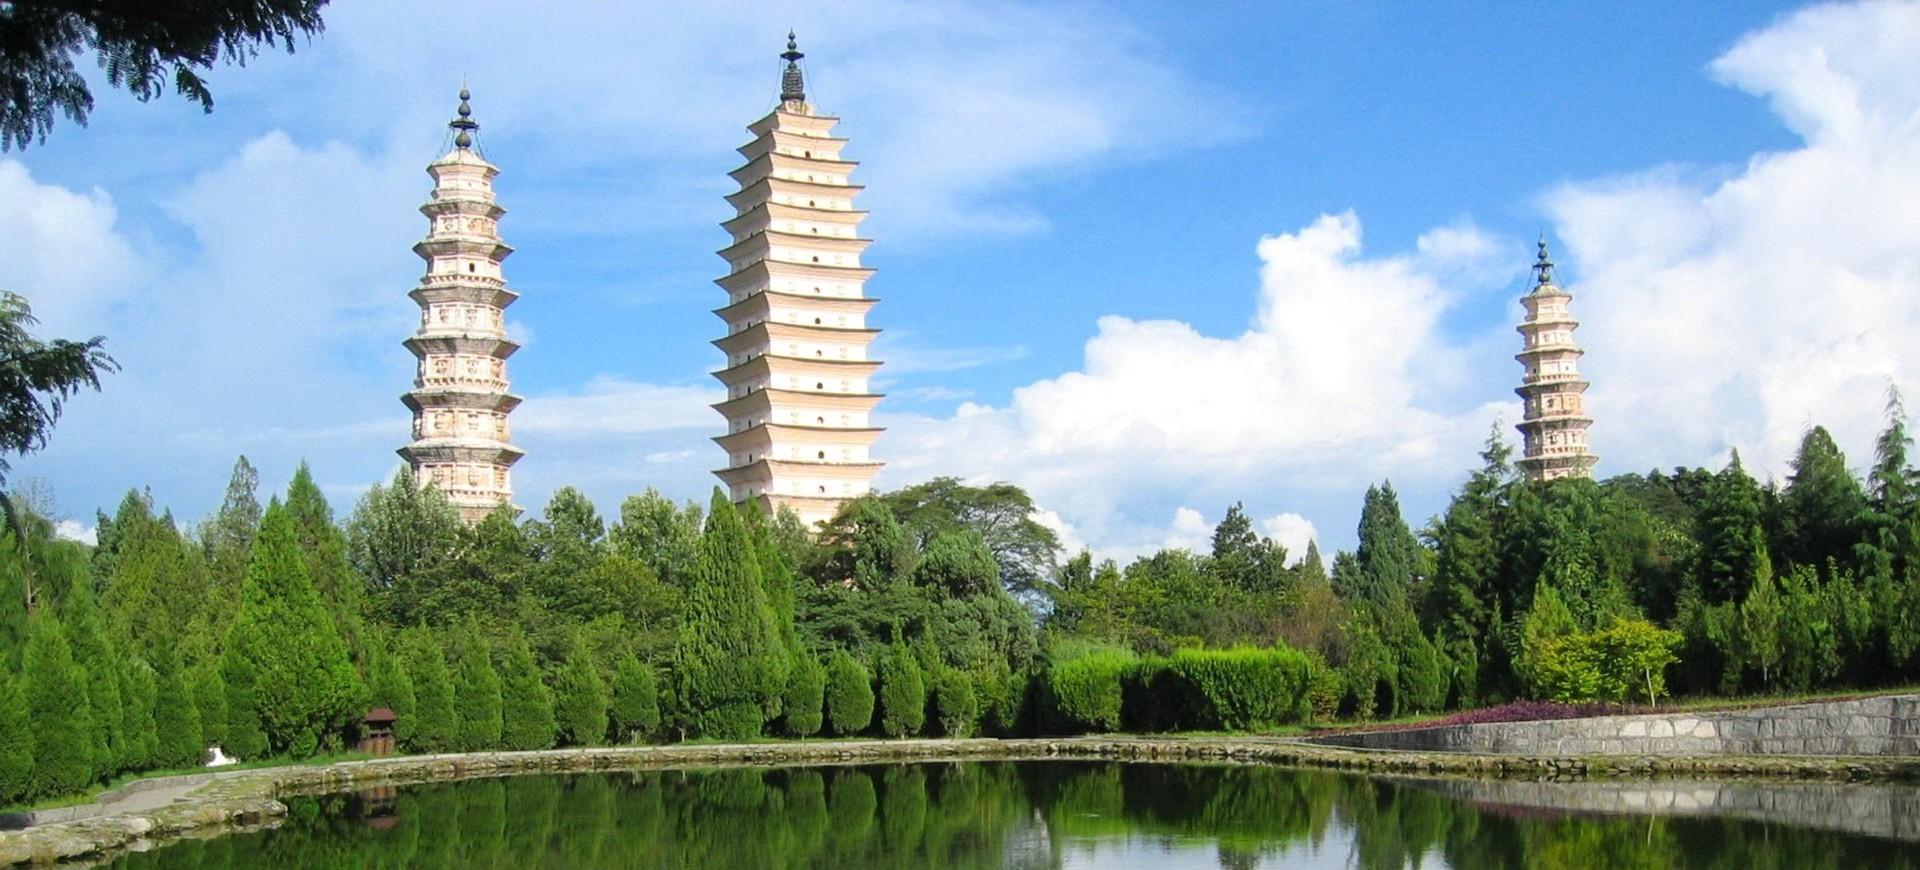 Les 3 Pagodes et Lac Erhai à Dali dans le Chine Yunnan